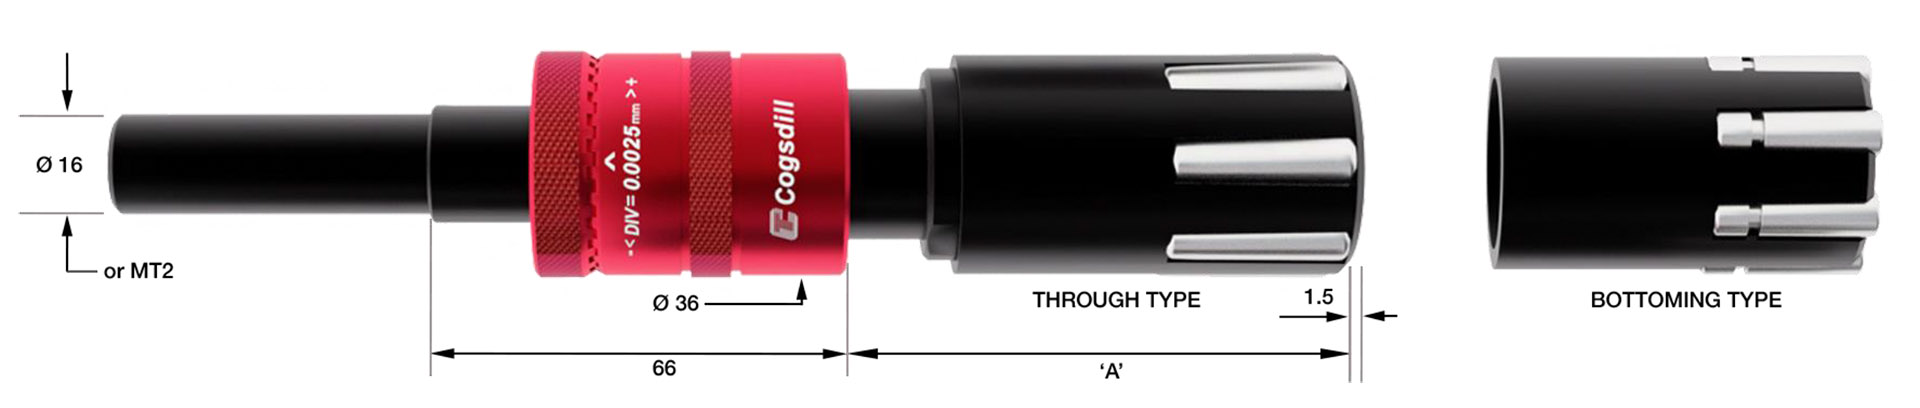 Diagrama de bruñido de rodillos SRMR38-25-50